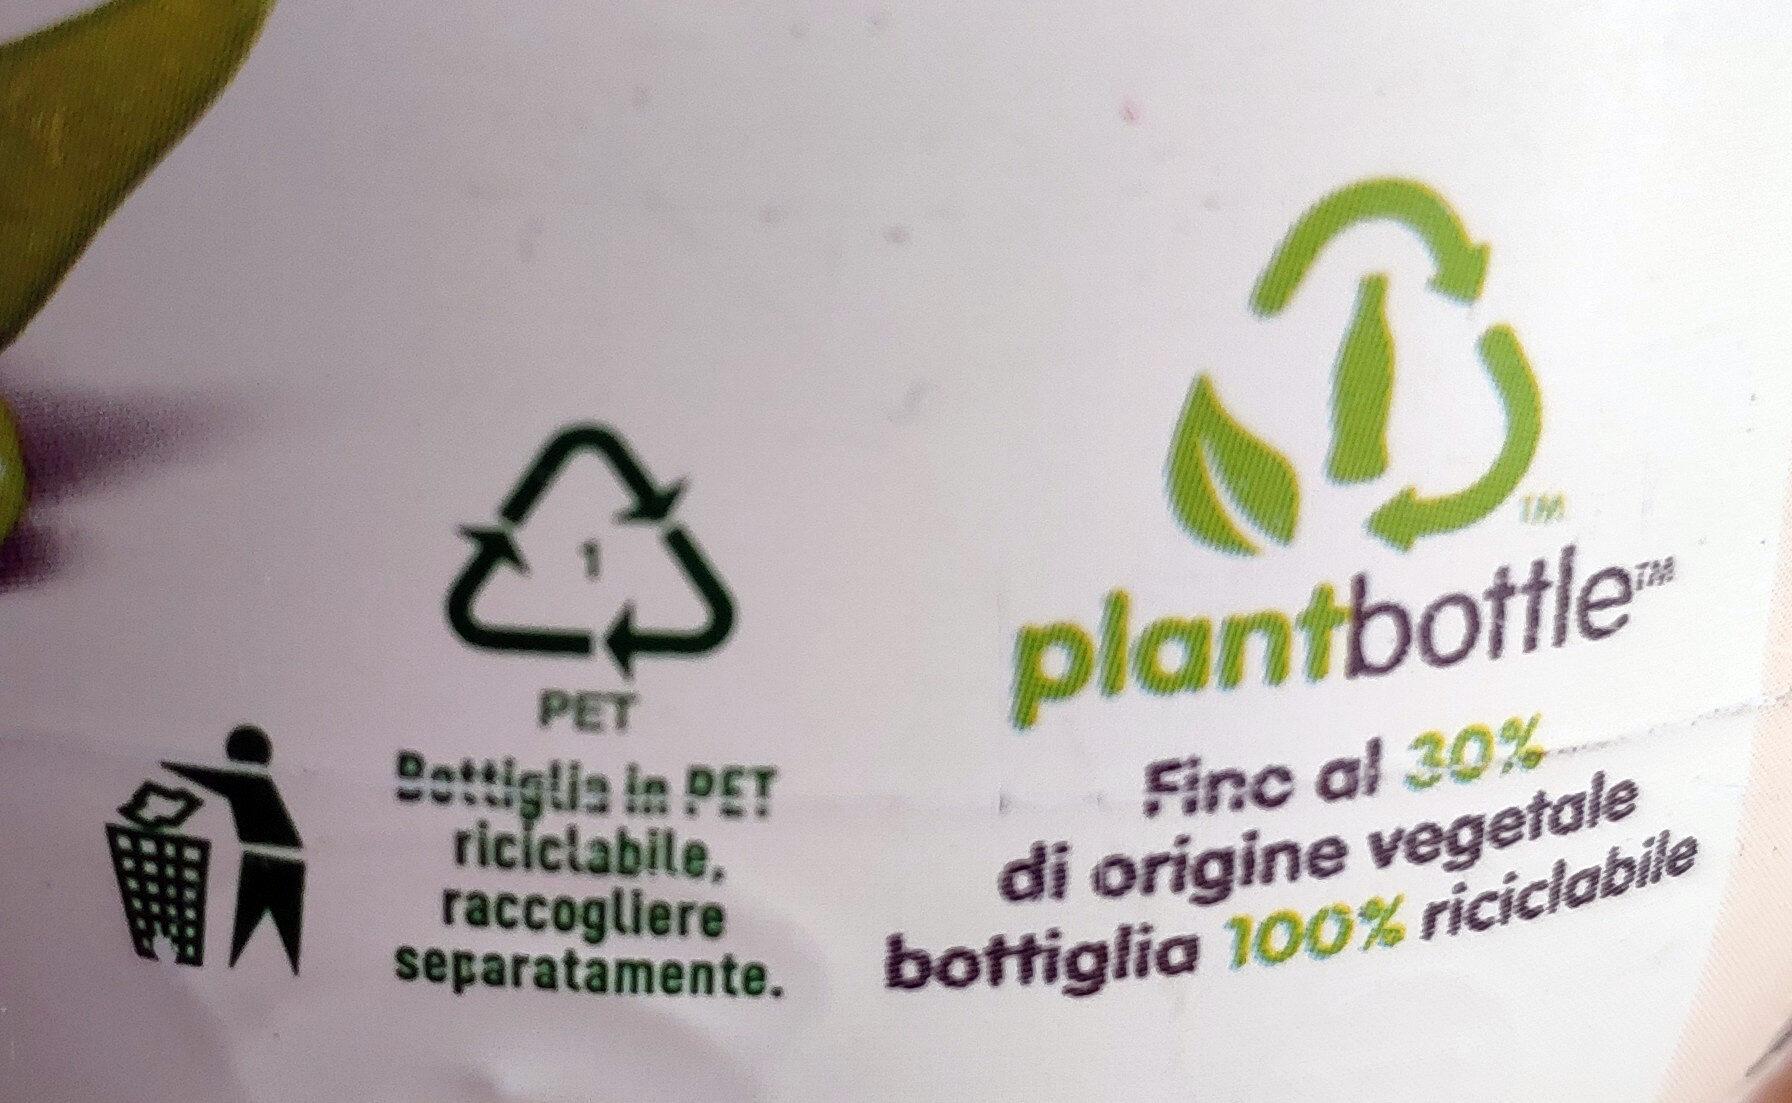 Sorprendete soia gusto delicatamente dolce - Istruzioni per il riciclaggio e/o informazioni sull'imballaggio - it